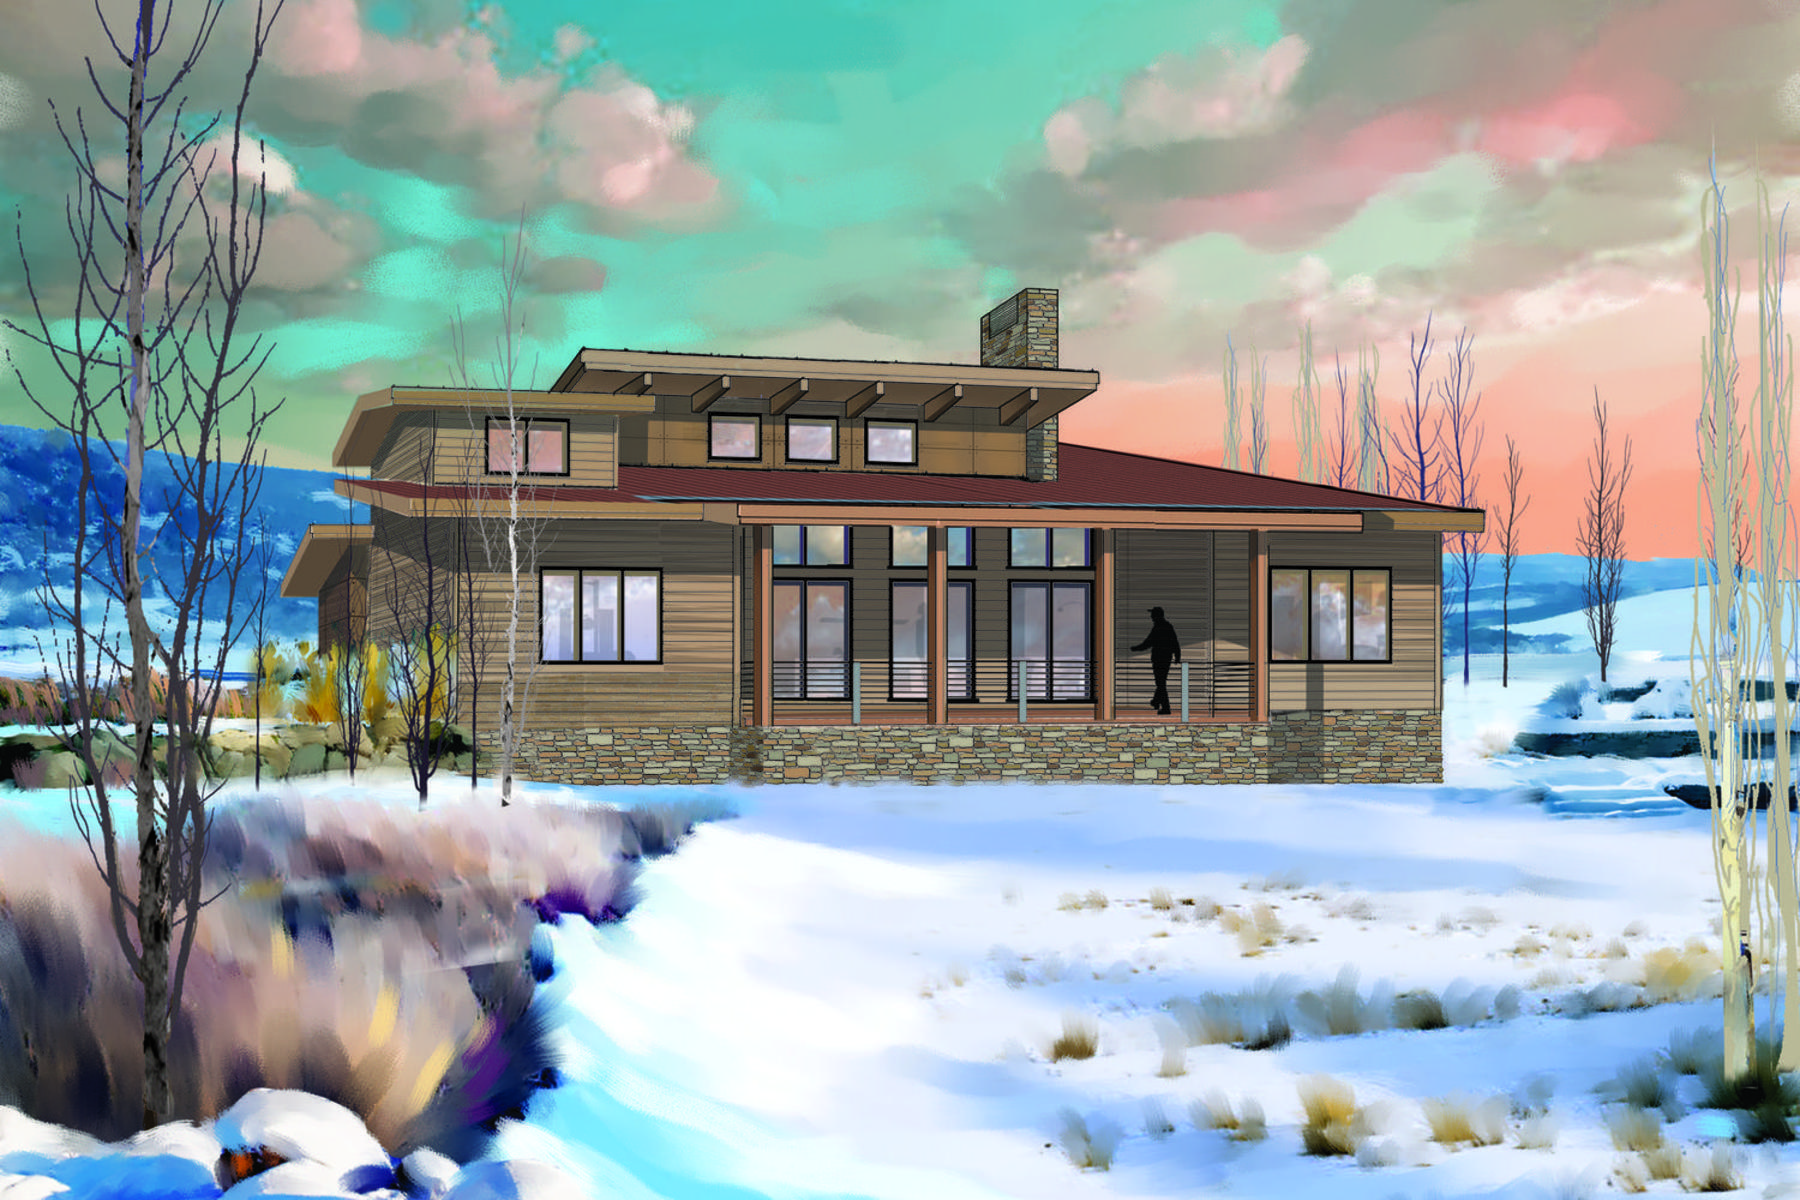 단독 가정 주택 용 매매 에 4 Bedroom Golf Villa on the 7th Tee Box of the Nicklaus! 6730 Golden Bear Loop West Park City, 유타, 84098 미국